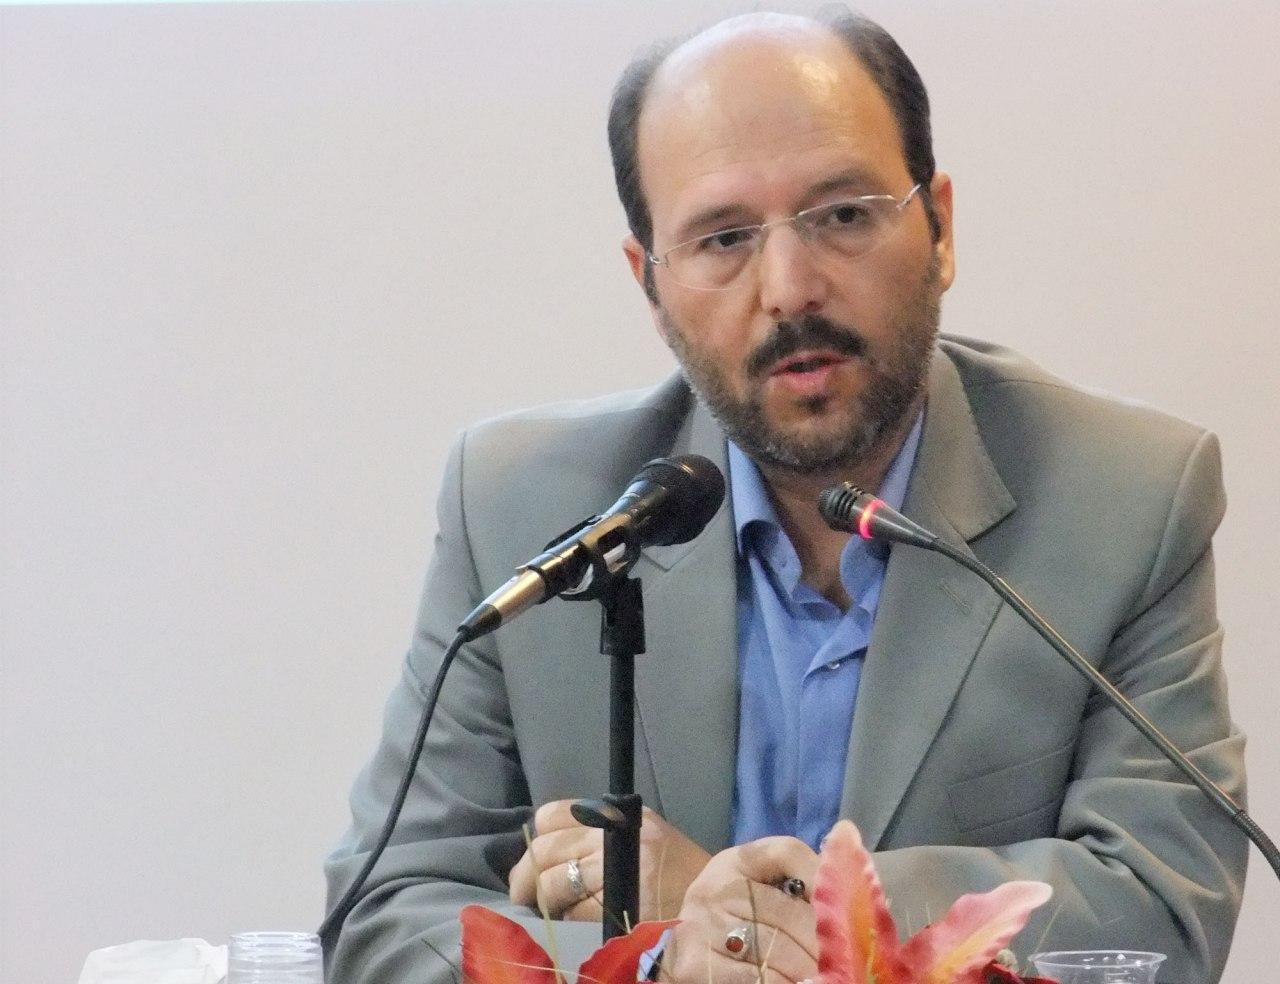 بررسی ۱۱۳ مصوبه شوراهای اسلامی در هیئت تطبیق